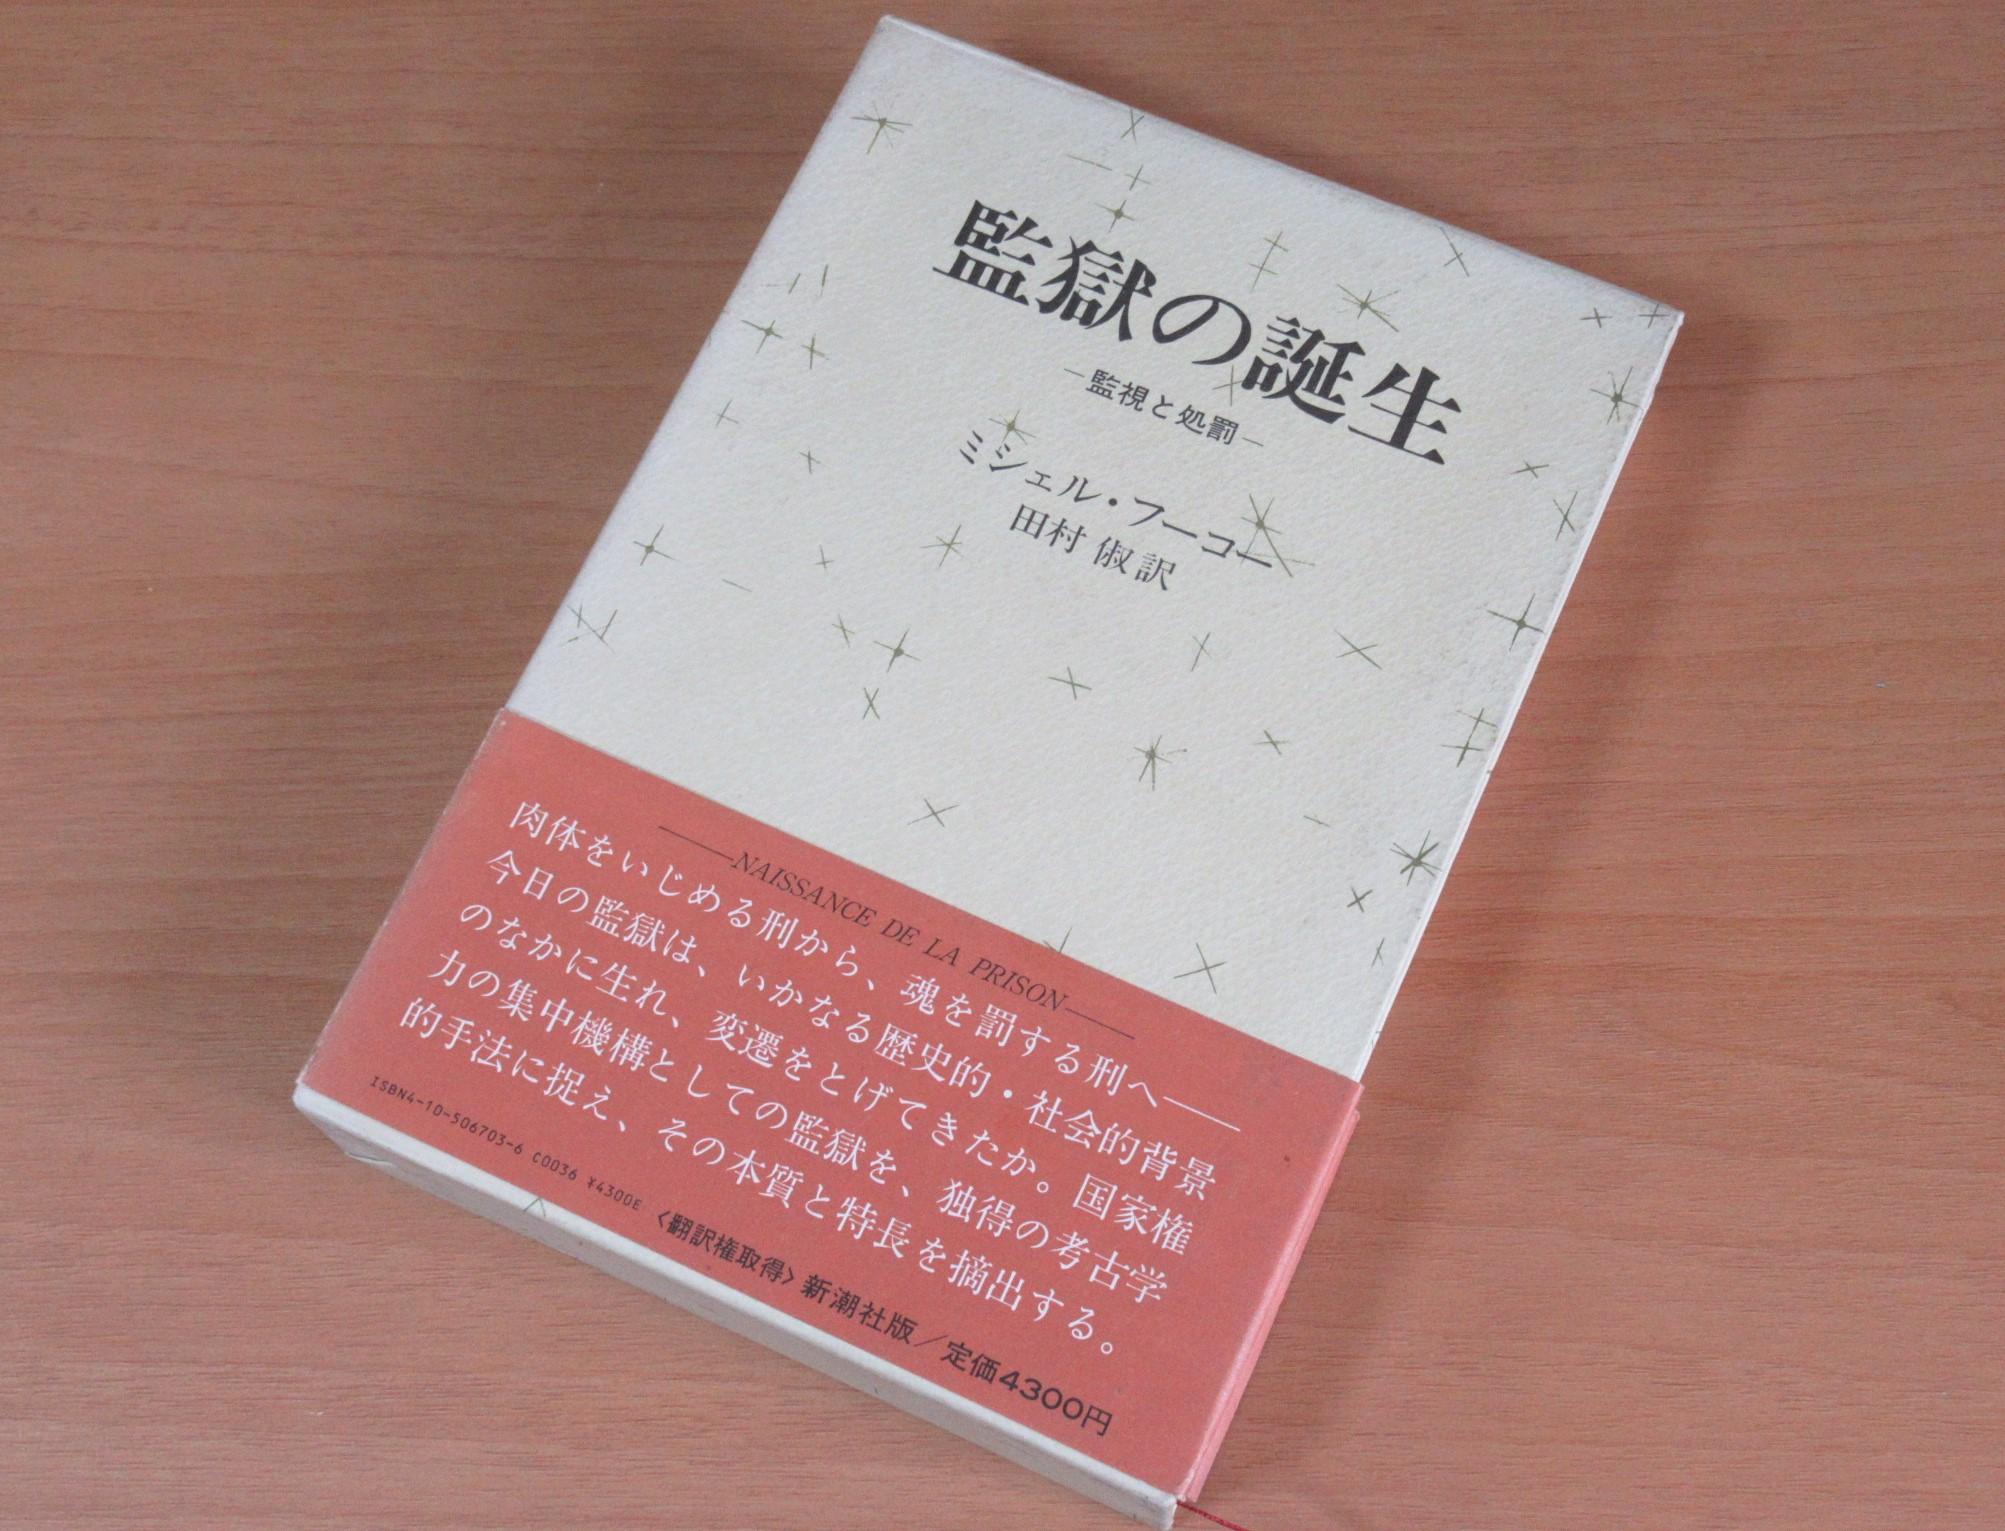 監獄の誕生 監視と処罰 1985年第10刷発行 ミシェル・フーコー 新潮社